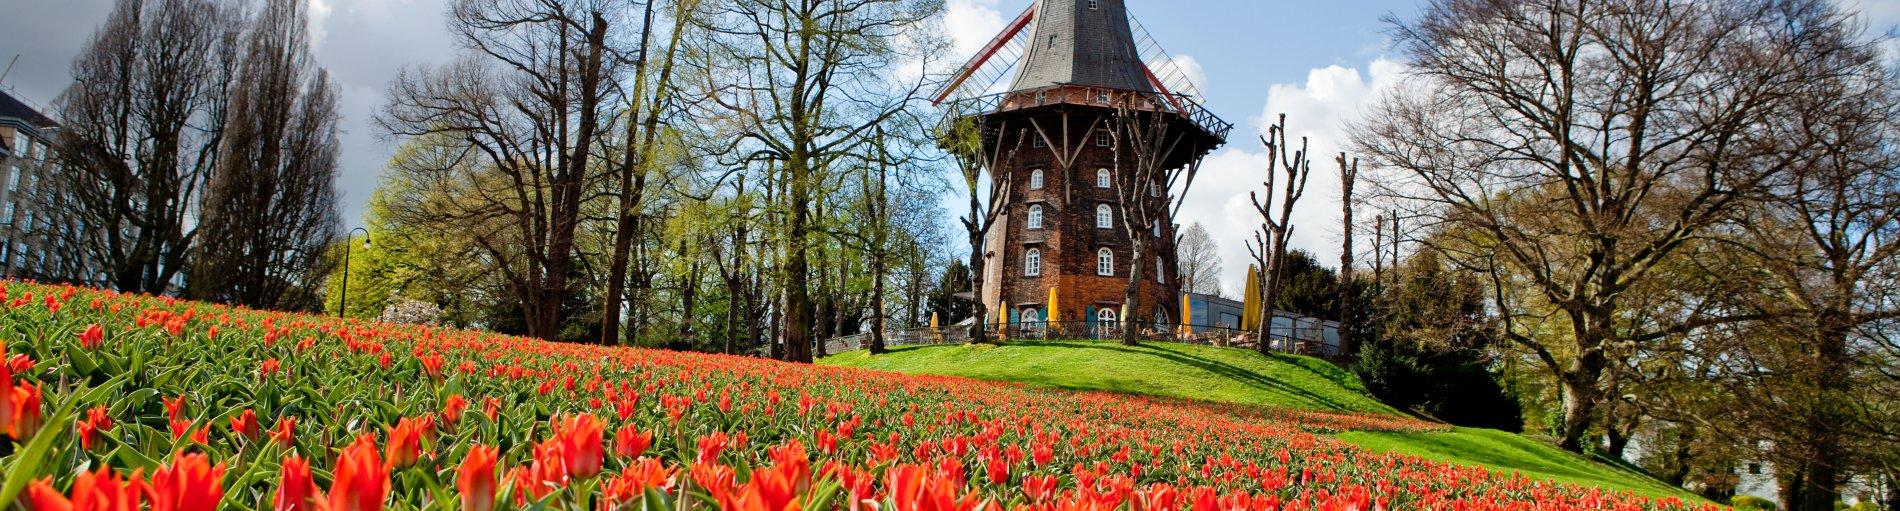 Kaum zu glauben, aber wahr: Dieses idyllische Plätzchen liegt mitten in der Innenstadt Bremens!